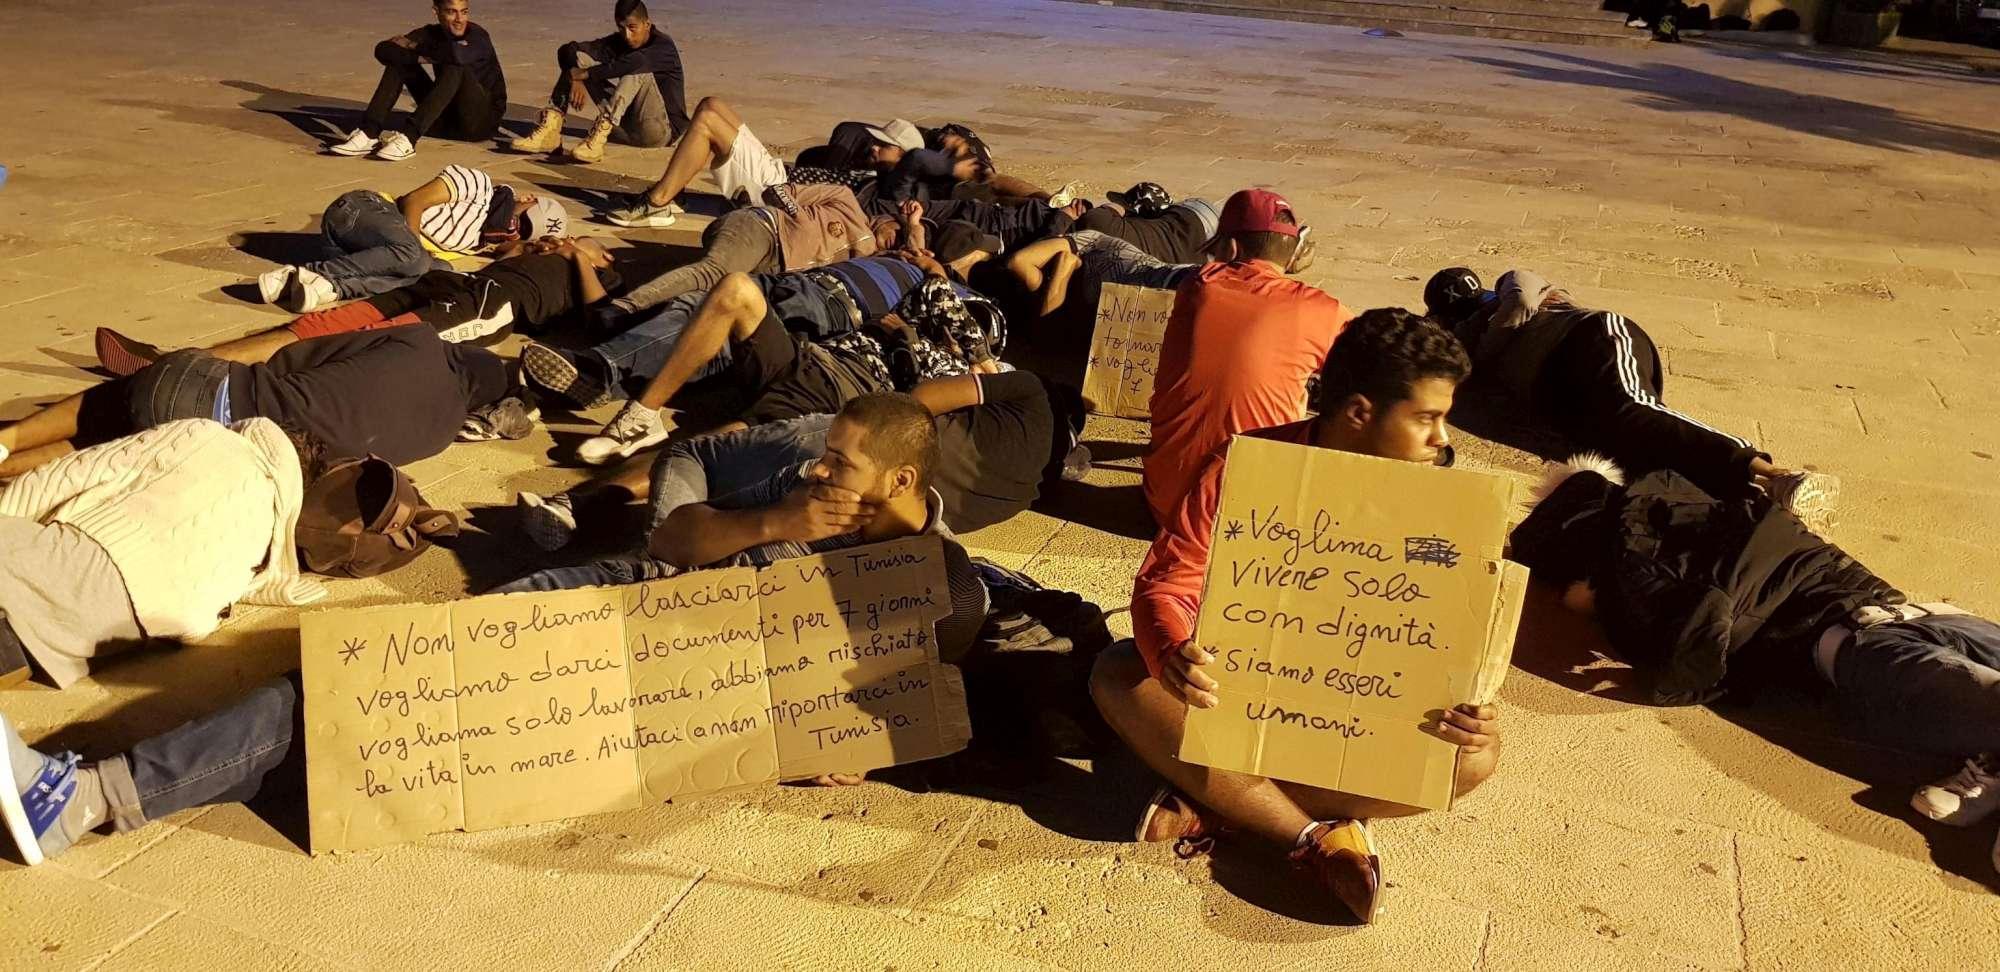 Migranti, a Lampedusa tunisini dormono in strada: